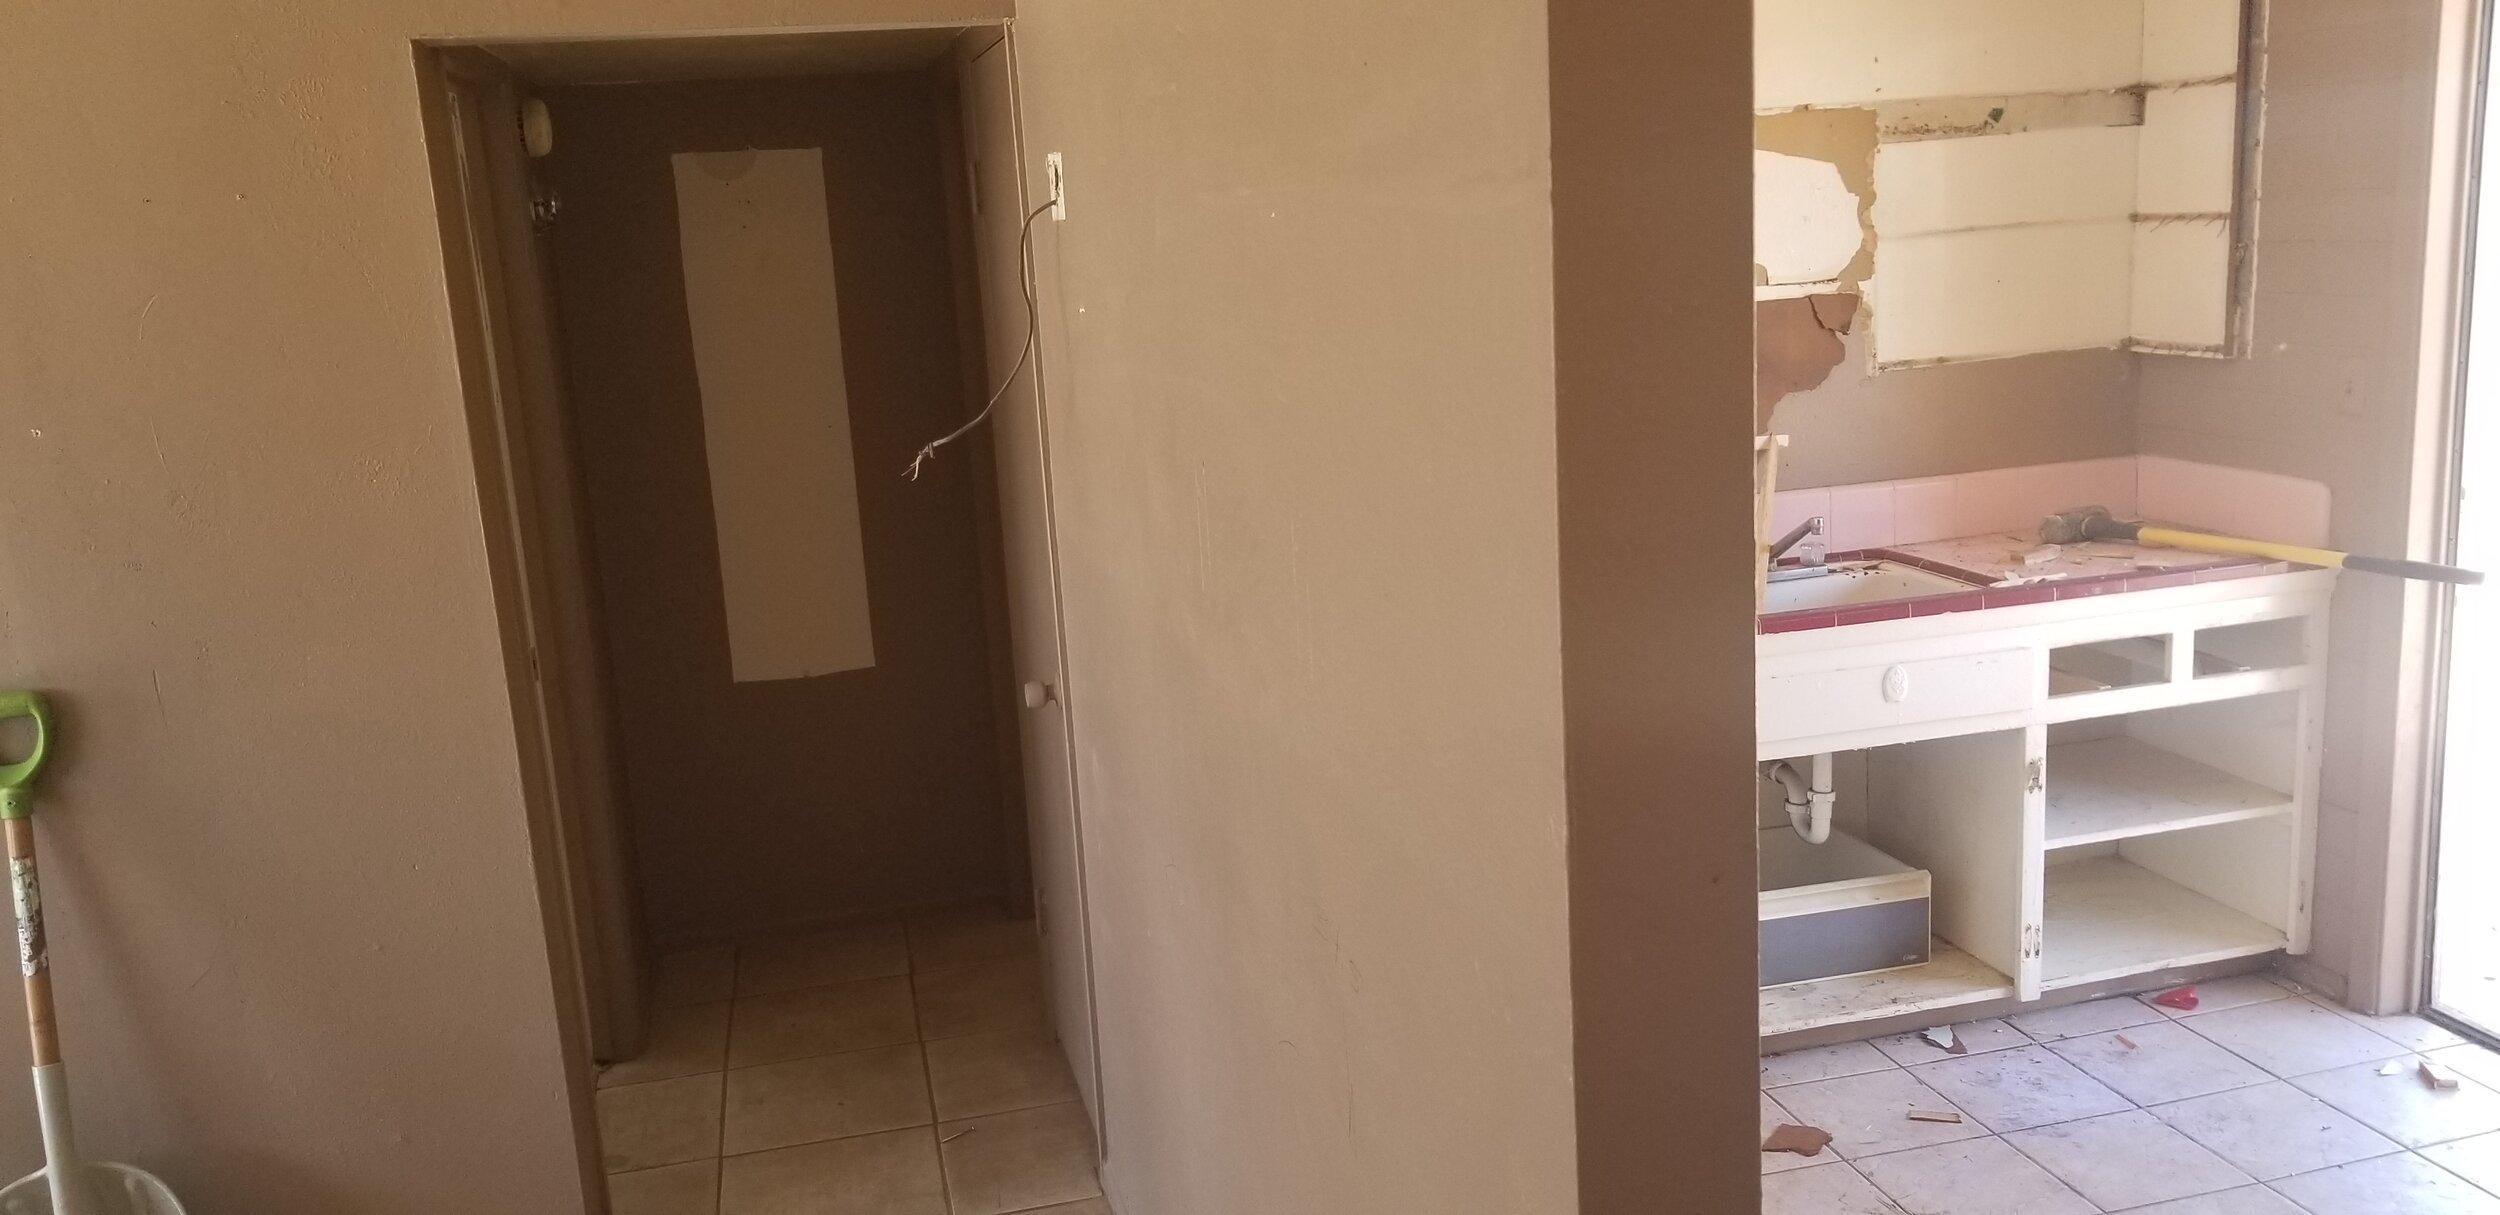 Original kitchen and hallway to new bedrooms